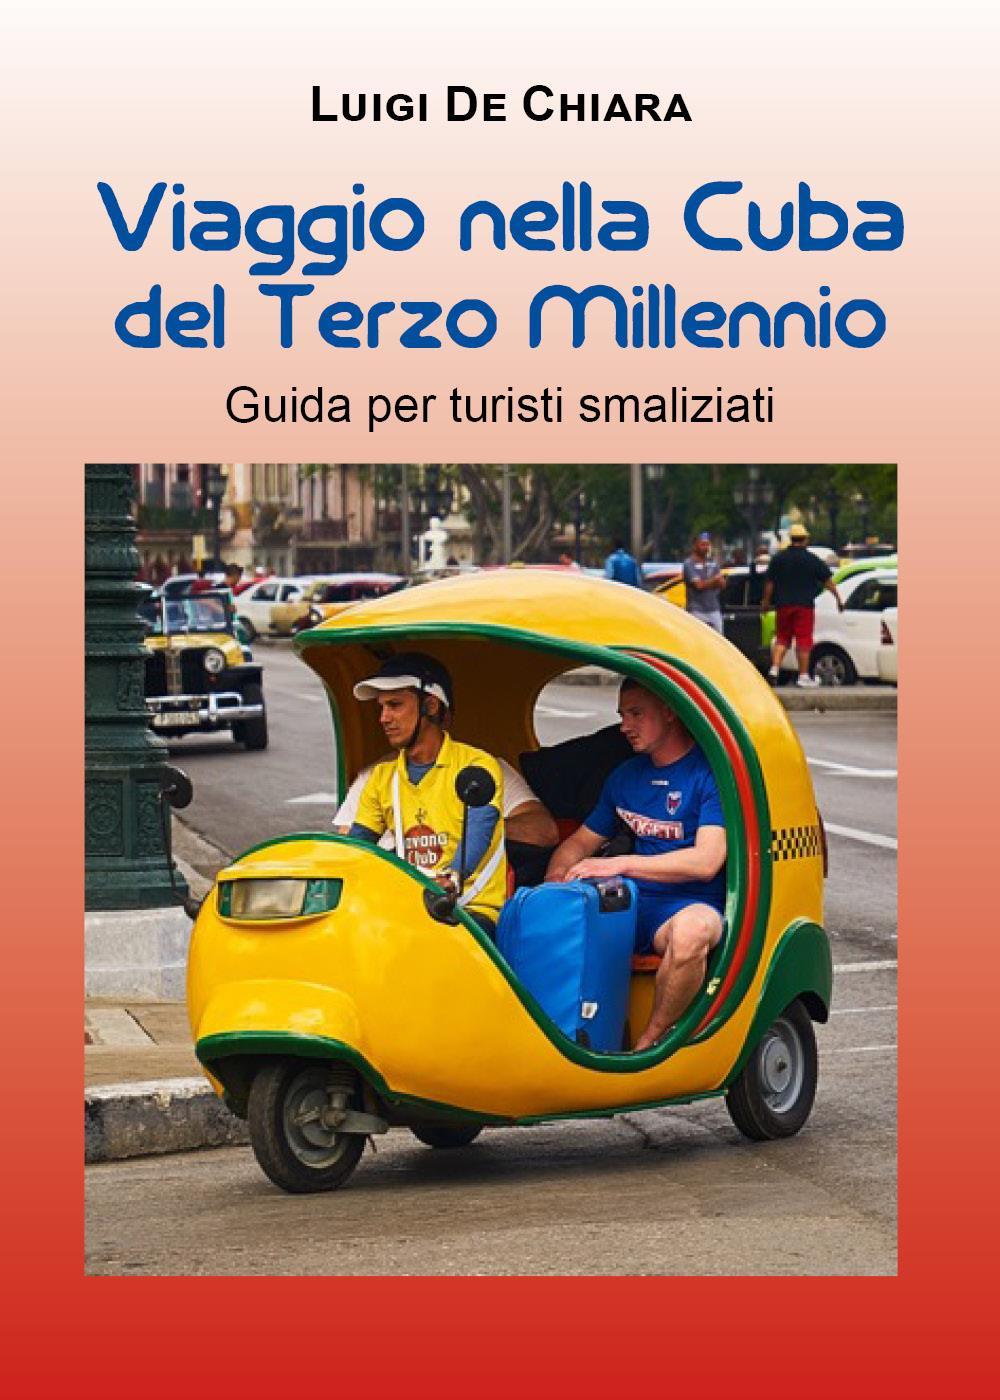 Viaggio nella Cuba del Terzo Millennio. Guida per turisti smaliziati